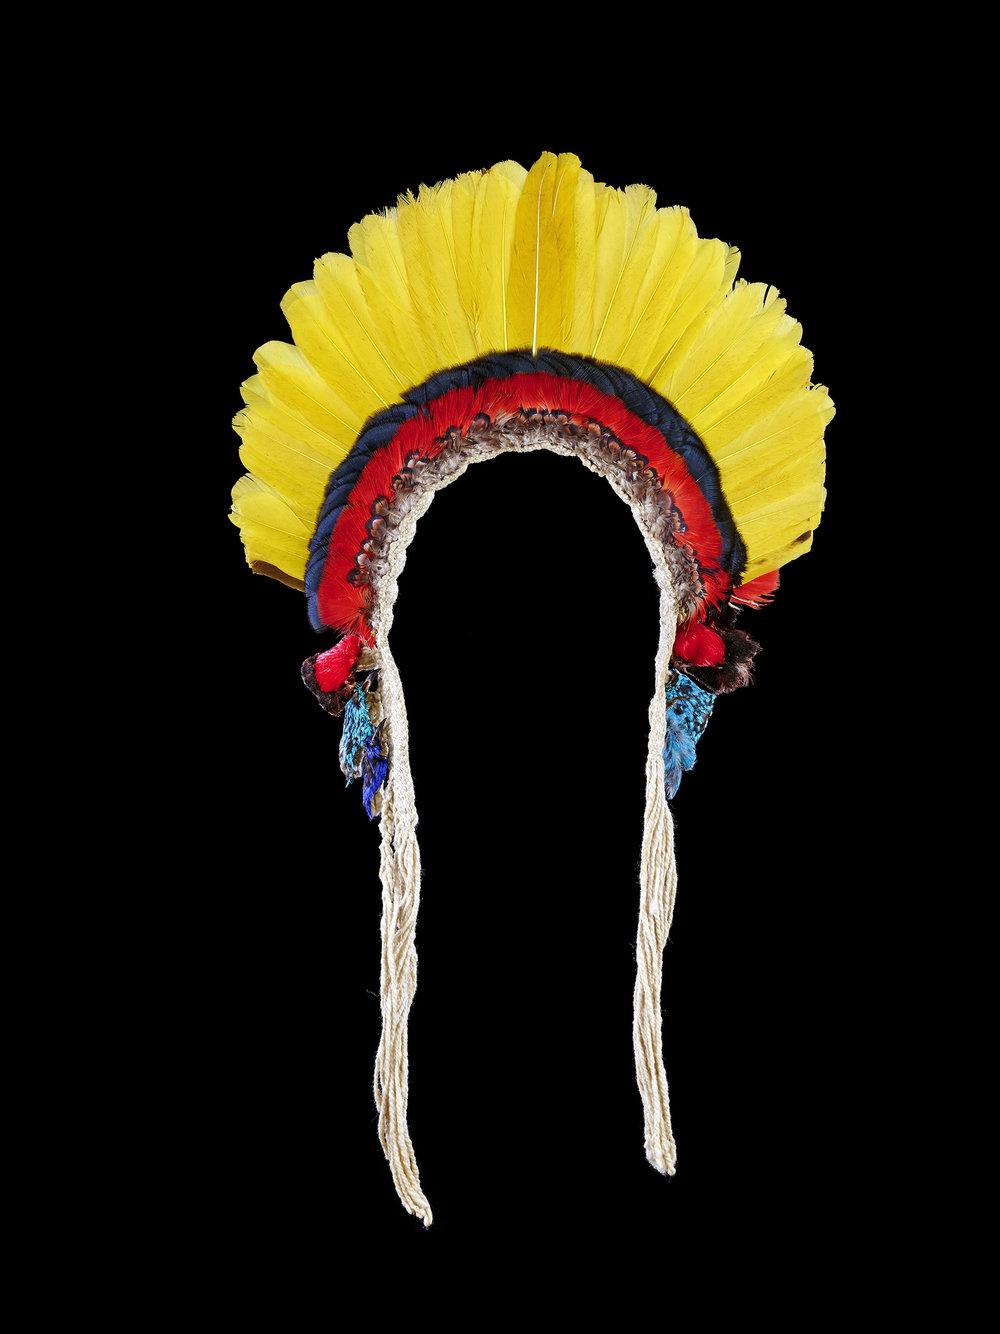 Diadème wirara ou akangatar, parure cérémonielle masculine  Brésil, Rio Gurupi, État du Maranhão, village de Javaruhú  Ka'apor. Milieu du 20e siècle  Photo : ©MEG, J.Watts